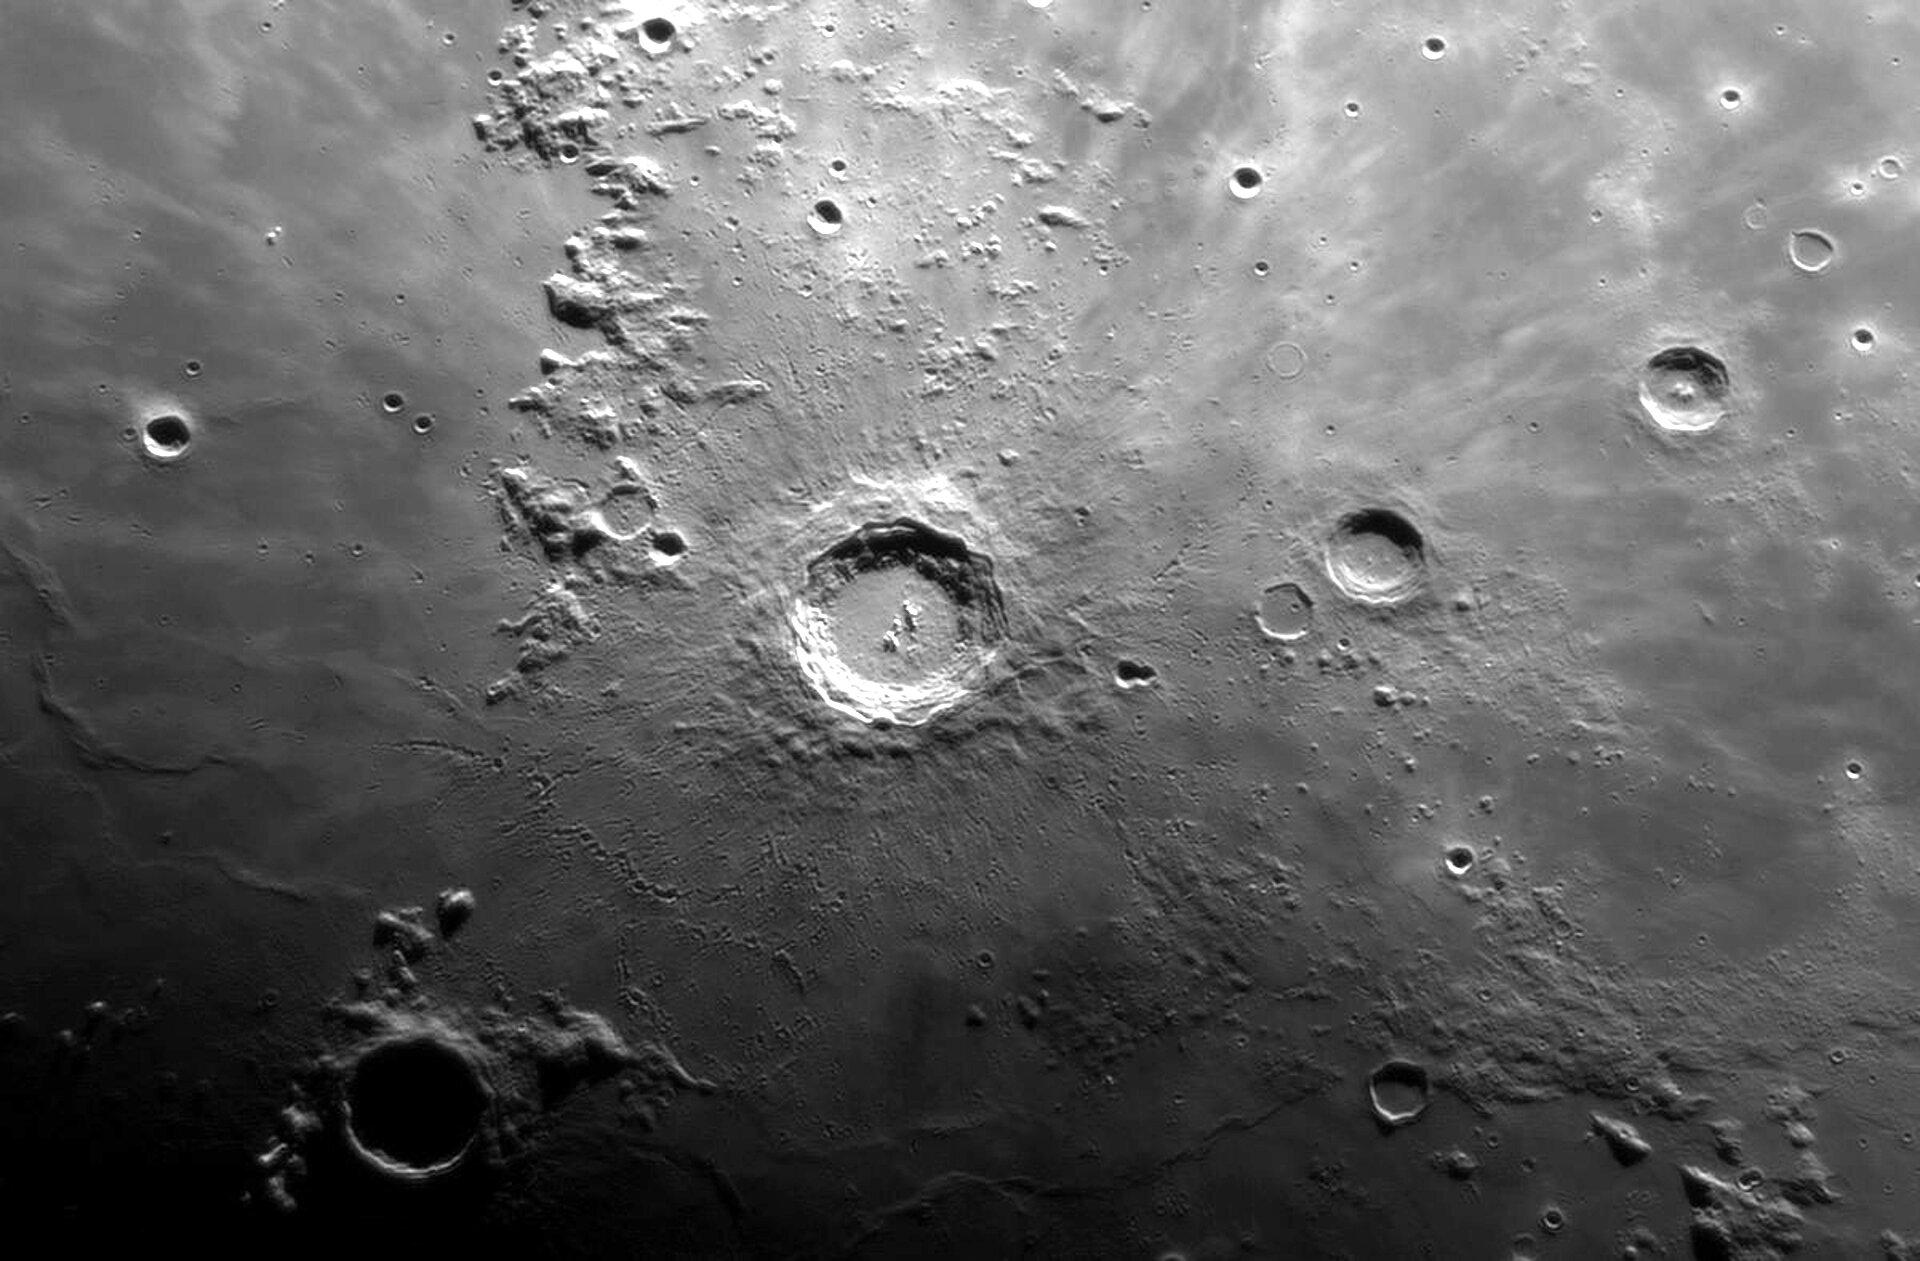 Ilustracja przedstawia kratery na Księżycu. Powierzchnia Księżyca szara, niejednolita Barwa od jasno szarego do ciemnoszarego, prawie czarnego. Miejscami widoczne kratery różnej wielkości. Po środku znajduje się największy, najjaśniejszy krater.